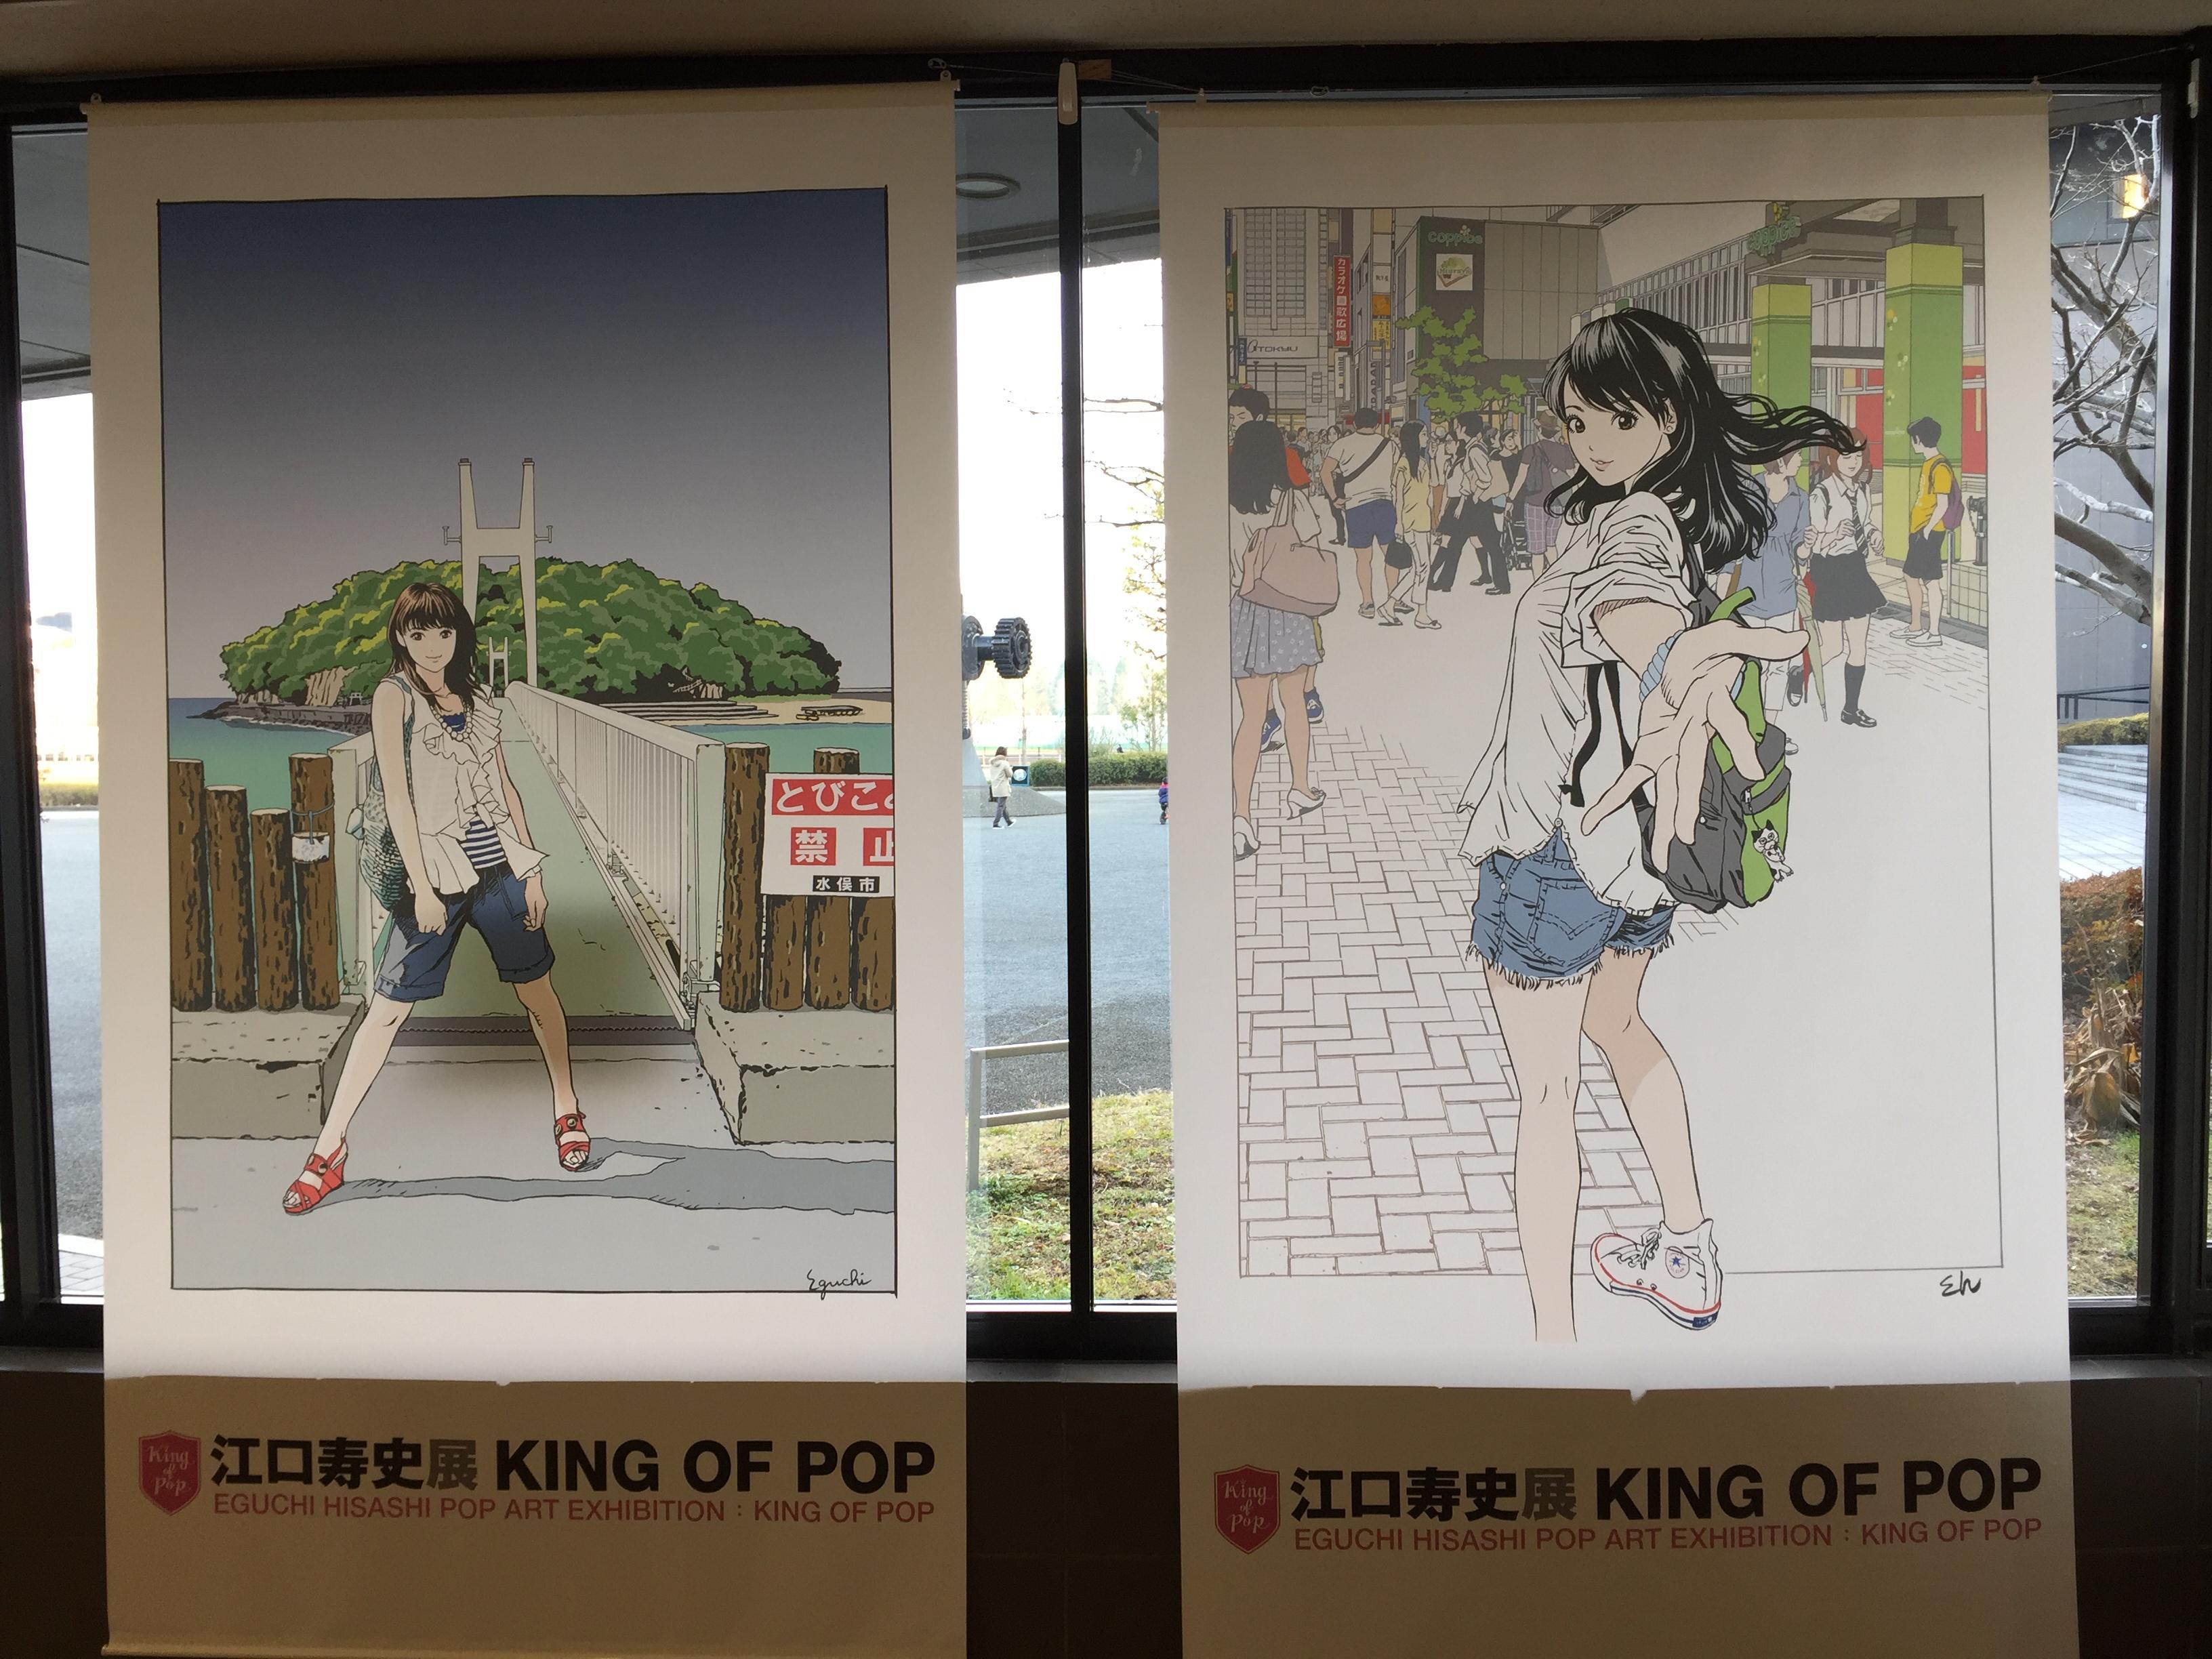 江口寿史展 KING OF POP @川崎市市民ミュージアム 最終日に行ってきた!